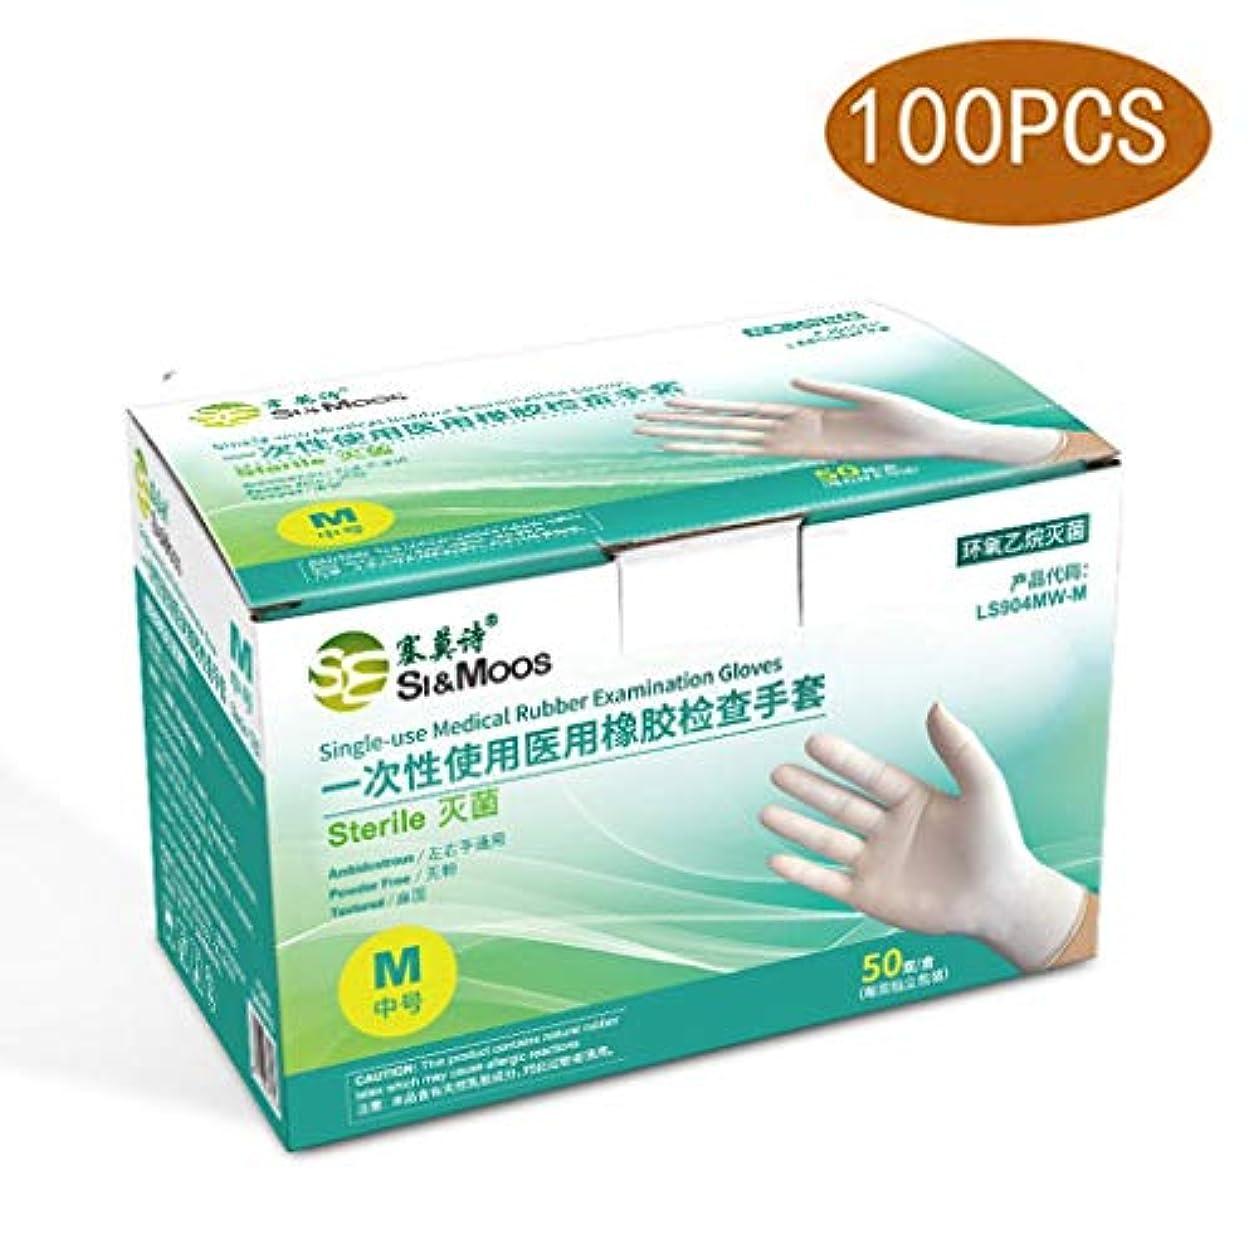 保有者定期的な率直な無菌ラテックス美容防水ゴムケータリングベーキング環境保護実験義務試験手袋|病院向けのプロフェッショナルグレード (Size : XS)